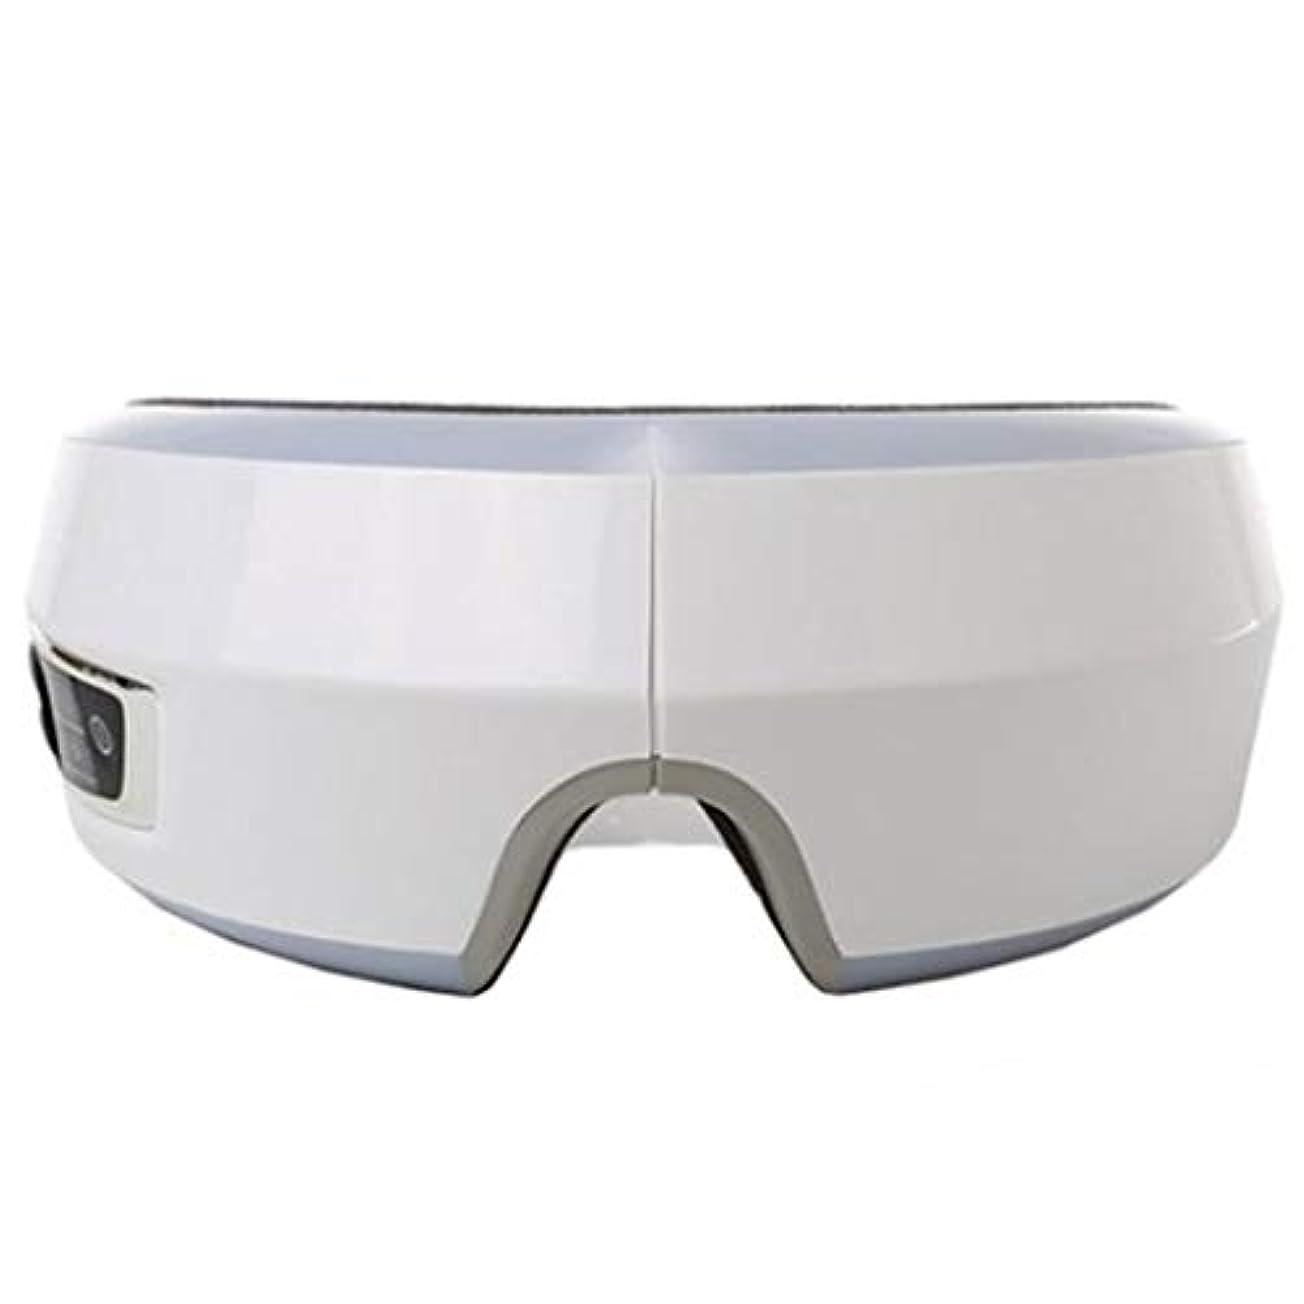 暴行旅行者デジタルZESPAアイヒーリングソリューションアイマッサージャー振動加熱マッサージ音楽機能ZP441 ZESPA Eye Healing Solution Eye Massager Vibration Heating Massage...